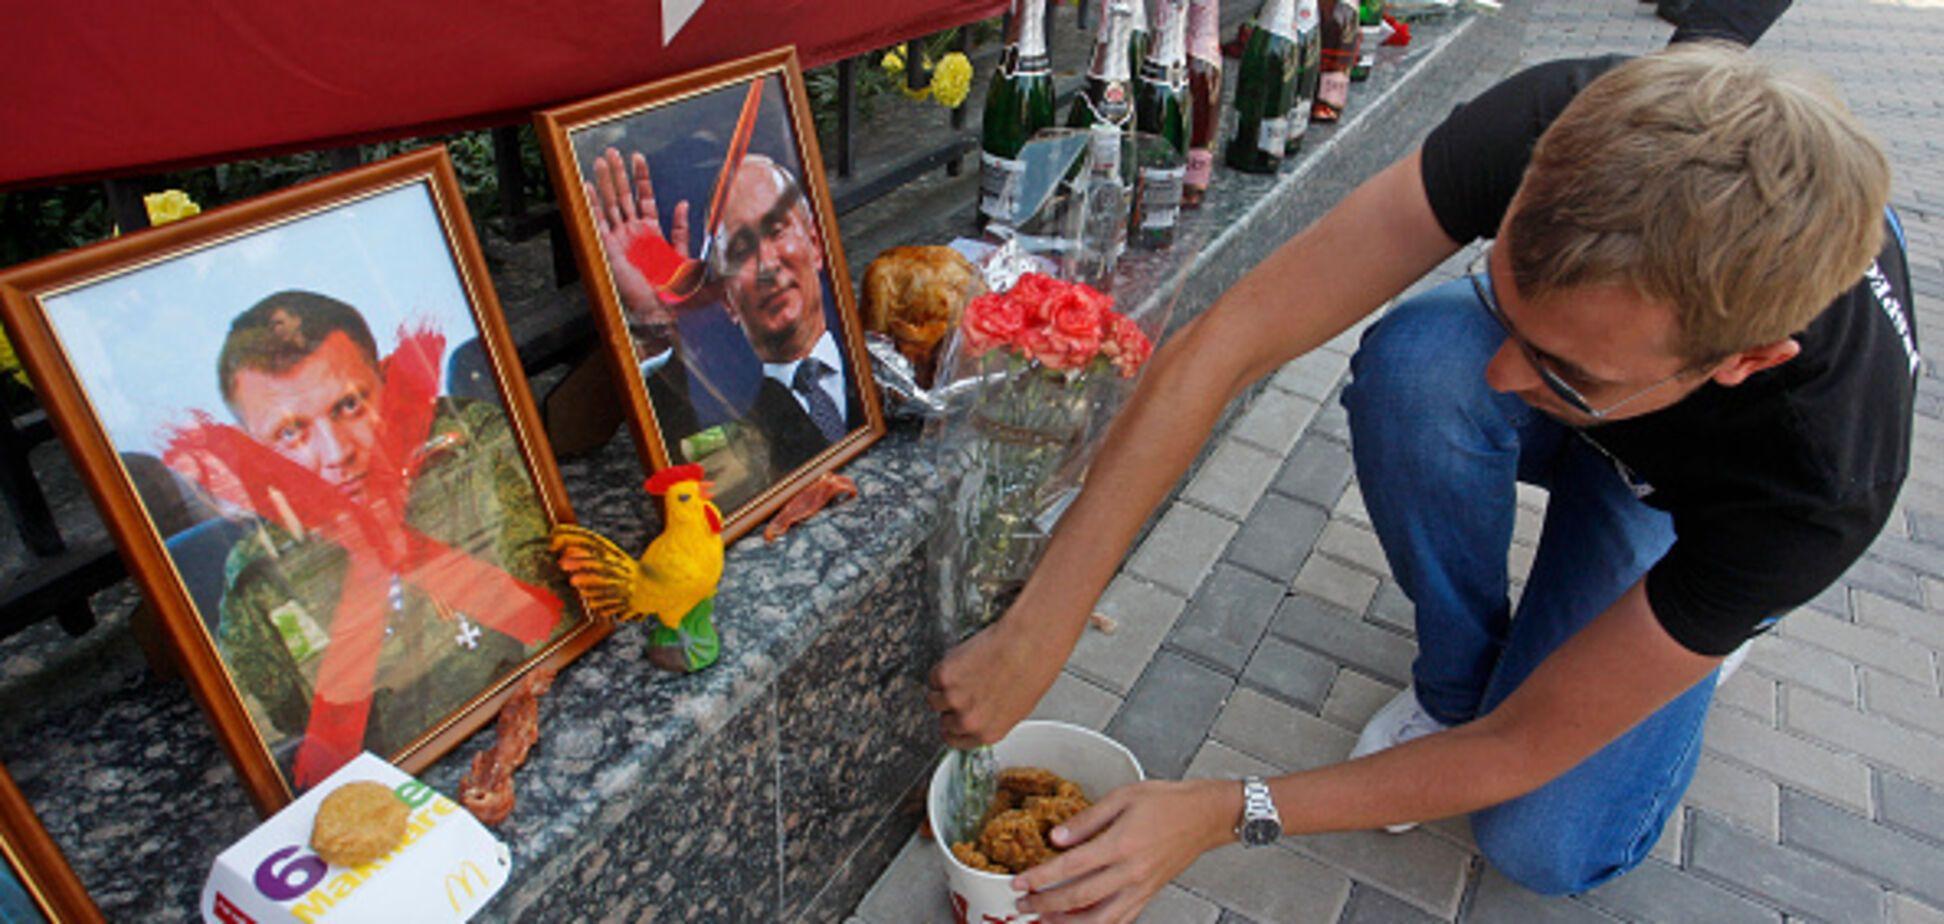 'Ждите котлы': в России припугнули местью за Захарченко